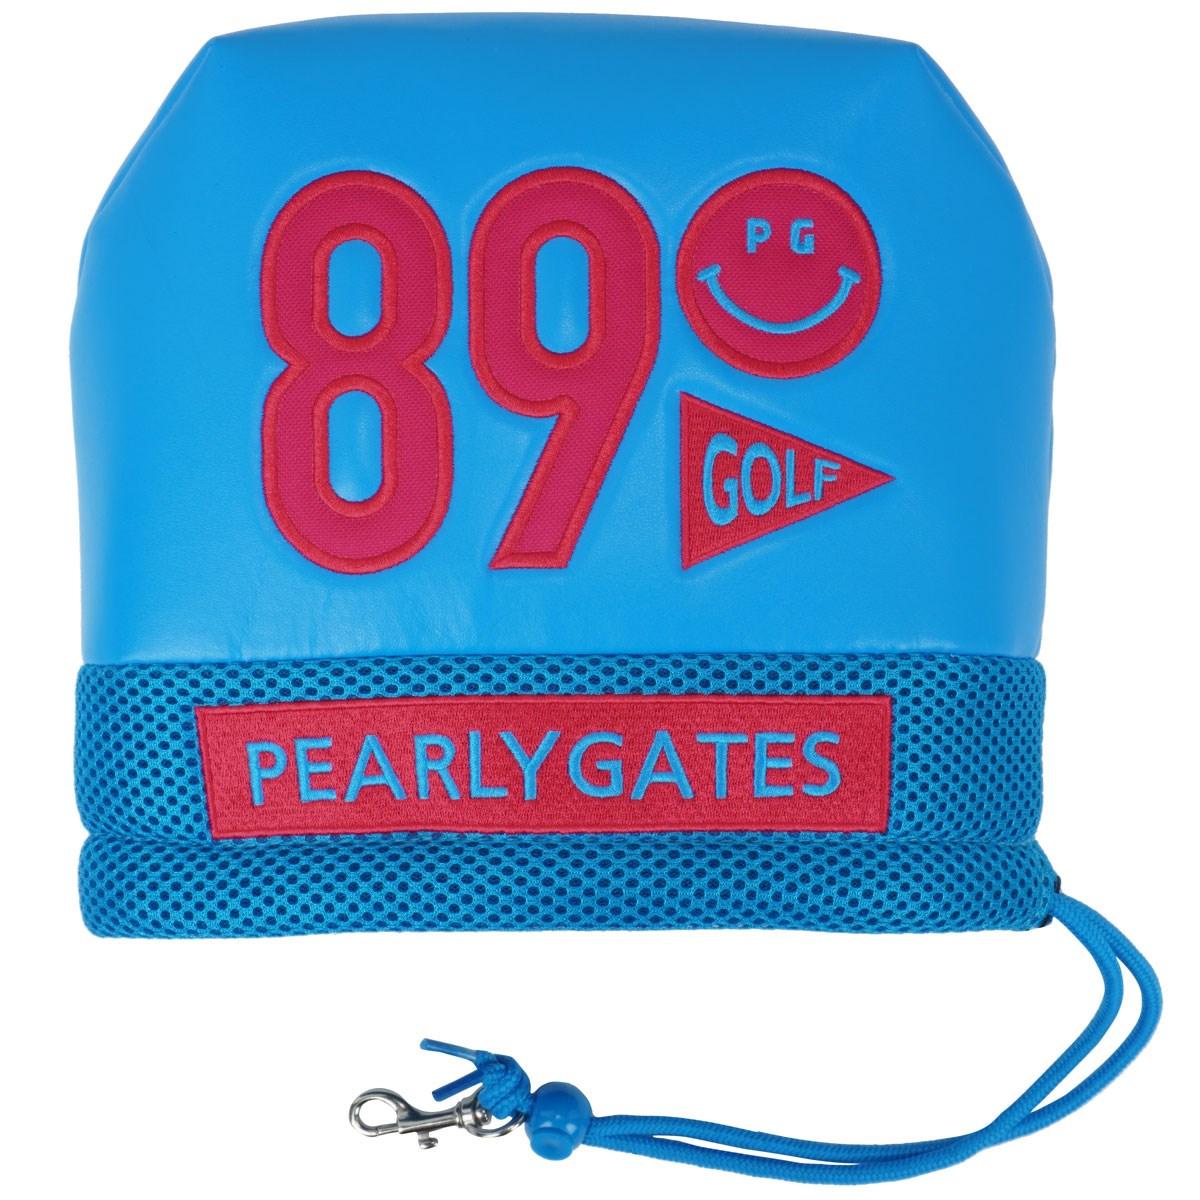 [定番モデル] パーリーゲイツ PEARLY GATES 合皮アイアンカバー ブルー 110 メンズ ゴルフ